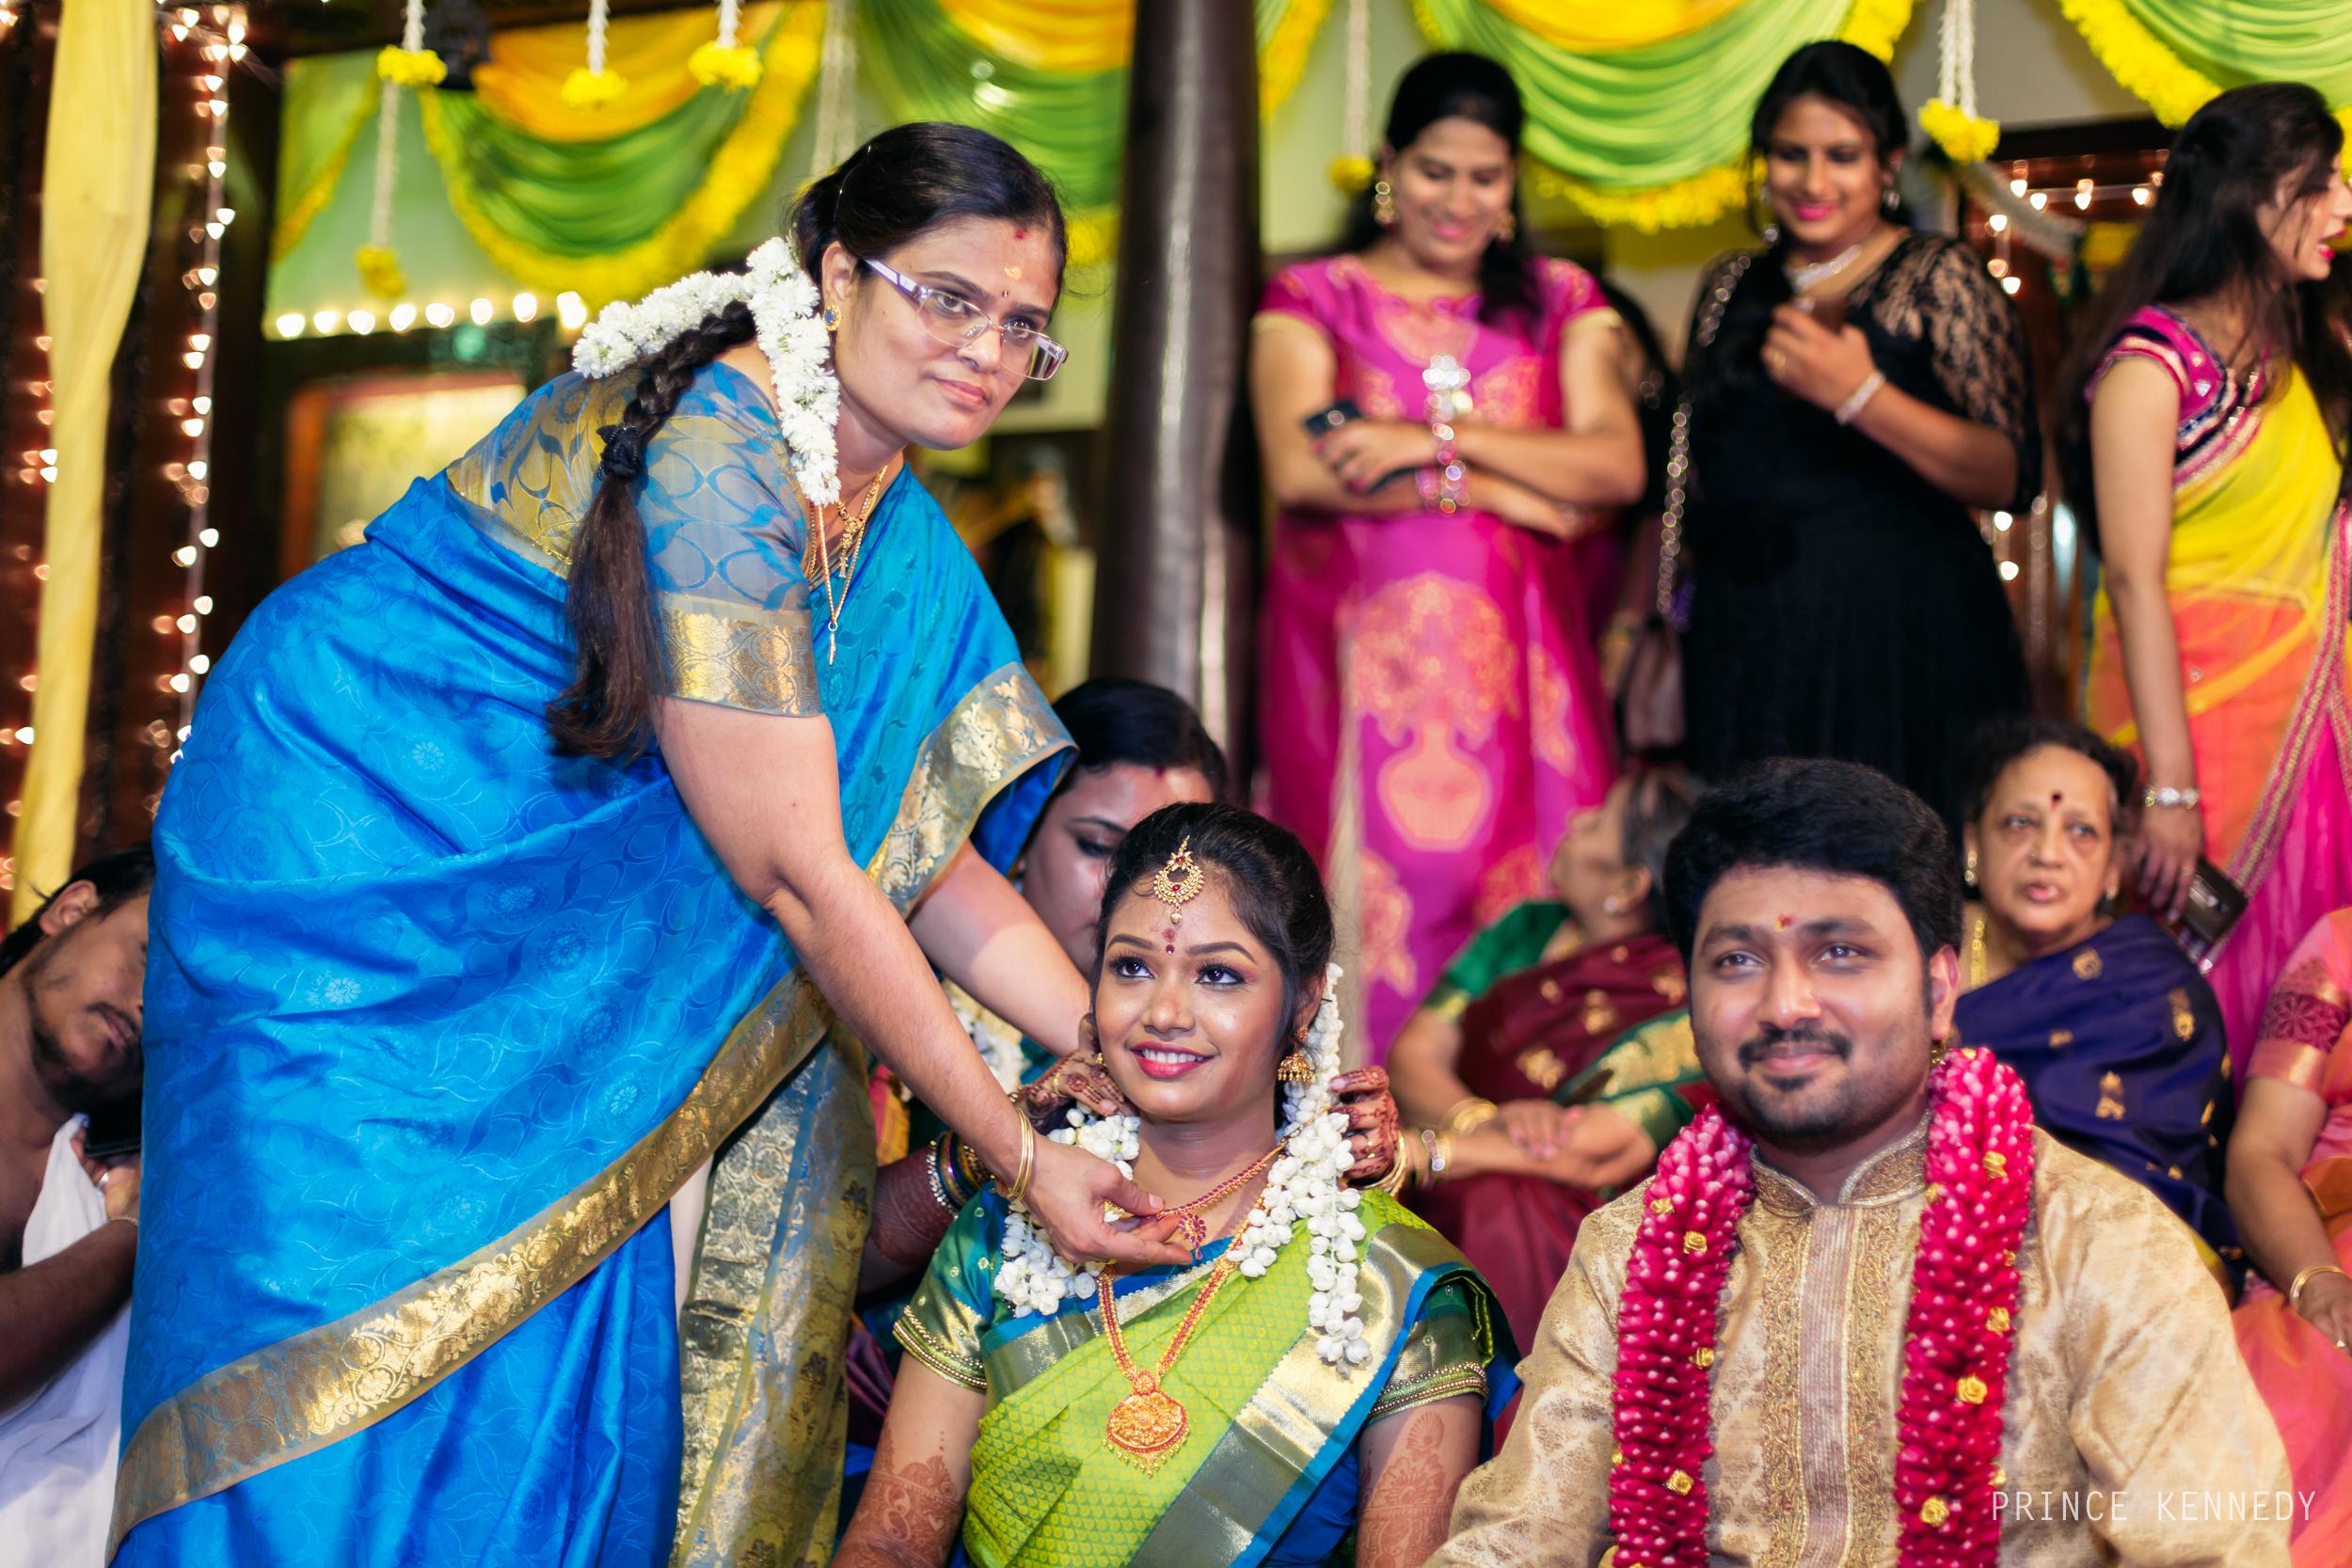 Engagement-Couple-Portrait-Portraiture-Wedding-Couple-Portrait-Chennai-Photographer-Candid-Photography-Destination-Best-Prince-Kennedy-Photography-220.jpg